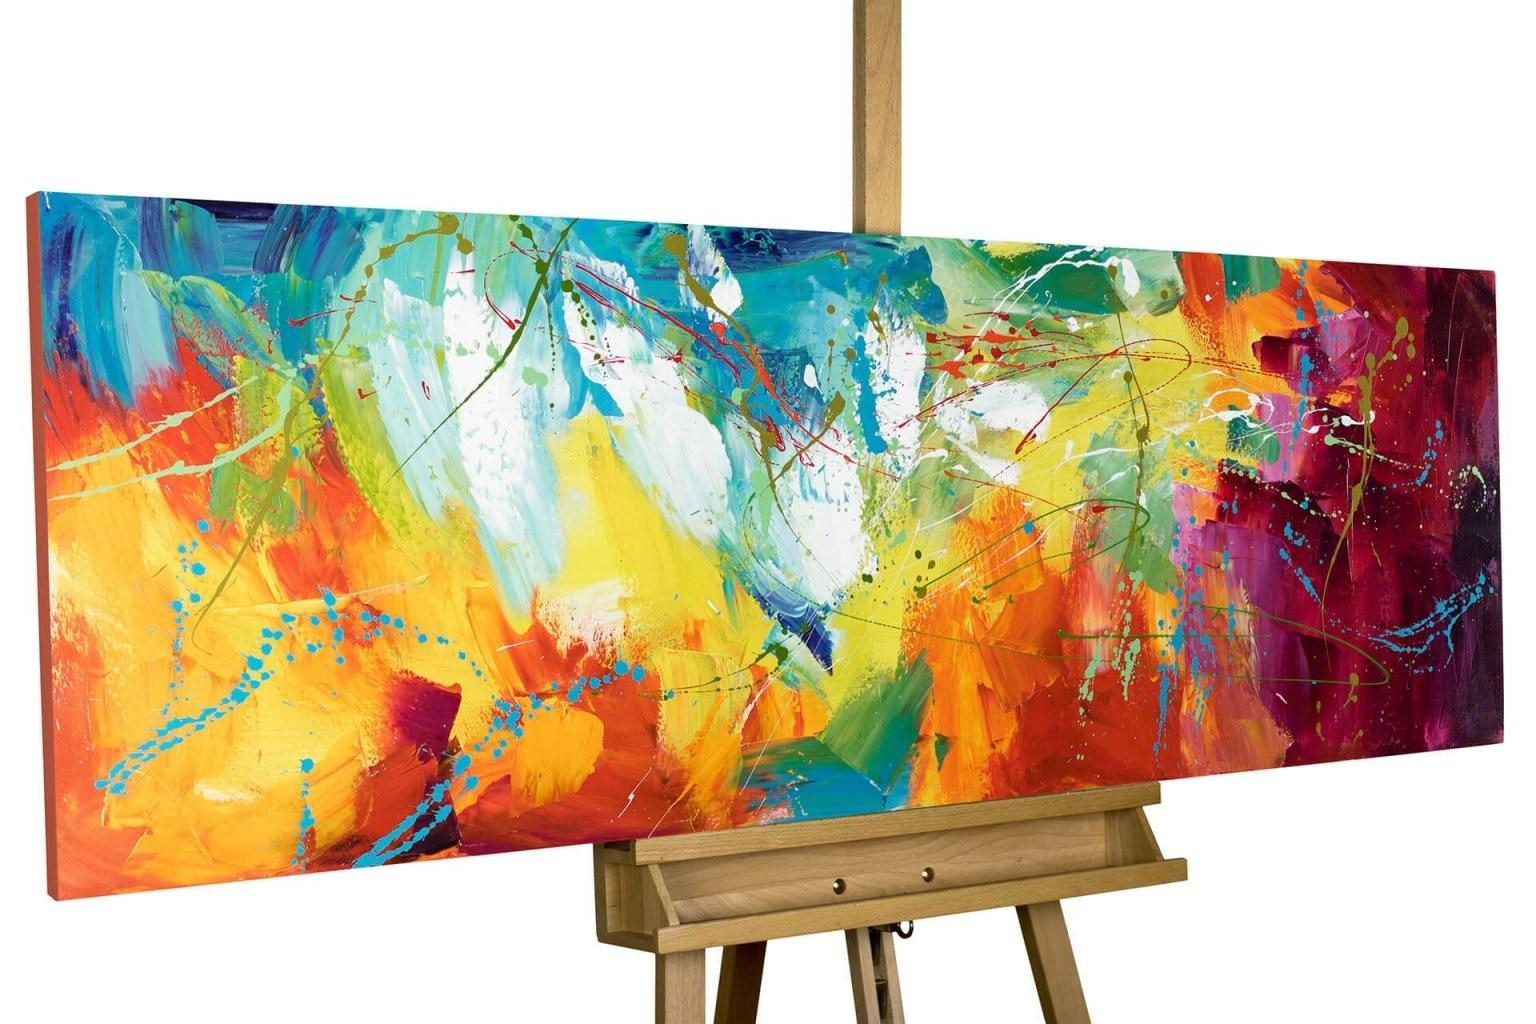 Acryl Gemälde 'bright Future' 150X50Cm  Abstract Art  Gemälde von Acrylbilder Abstrakt Selber Malen Bild